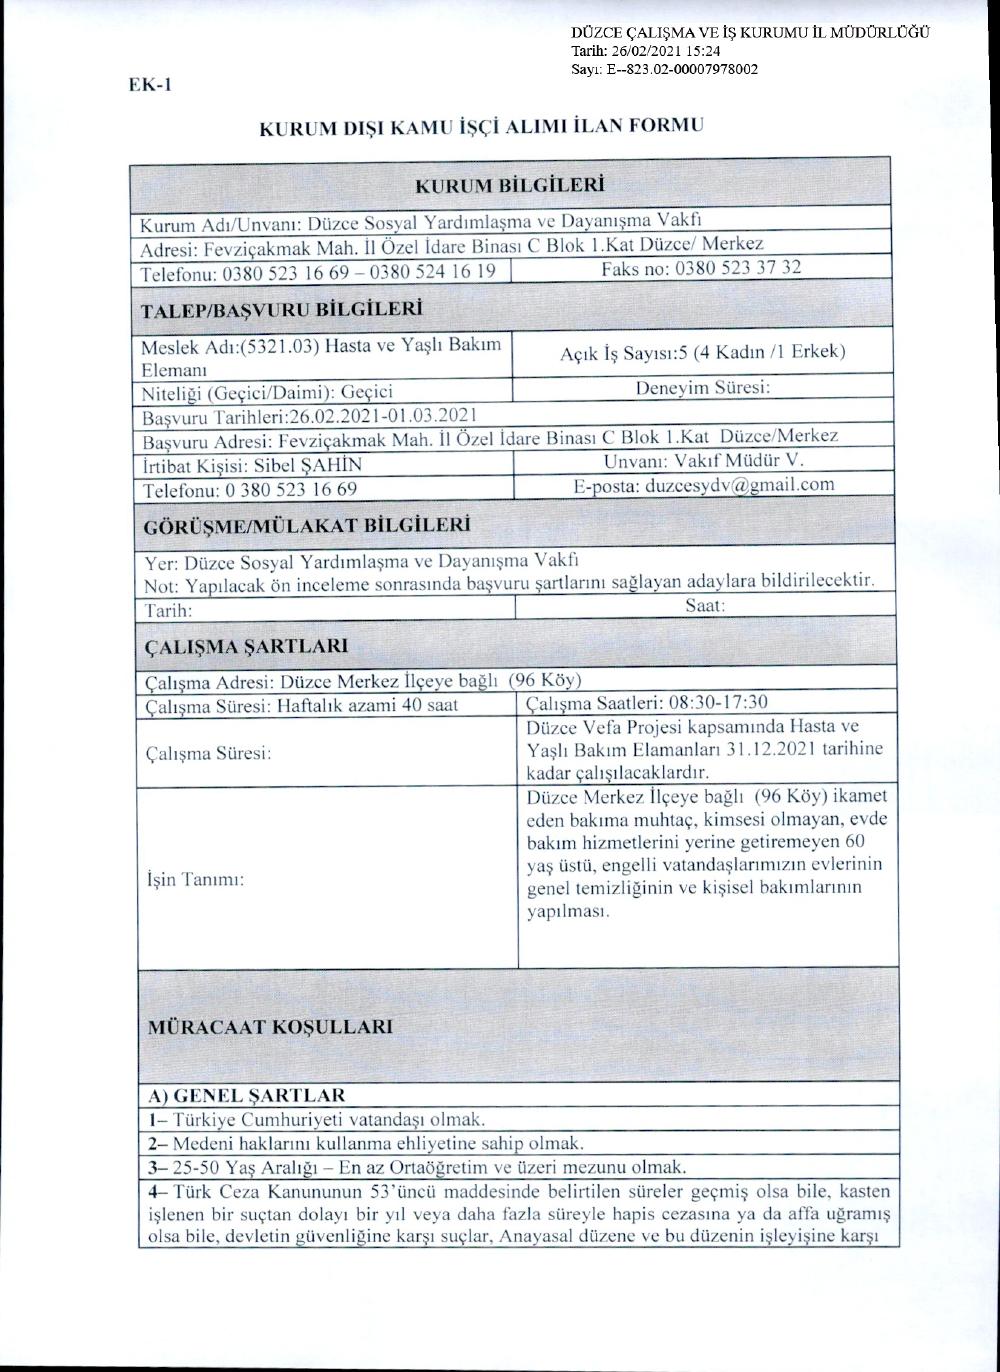 duzce-sydv-pers-alimi-01-03-2021-000001.png